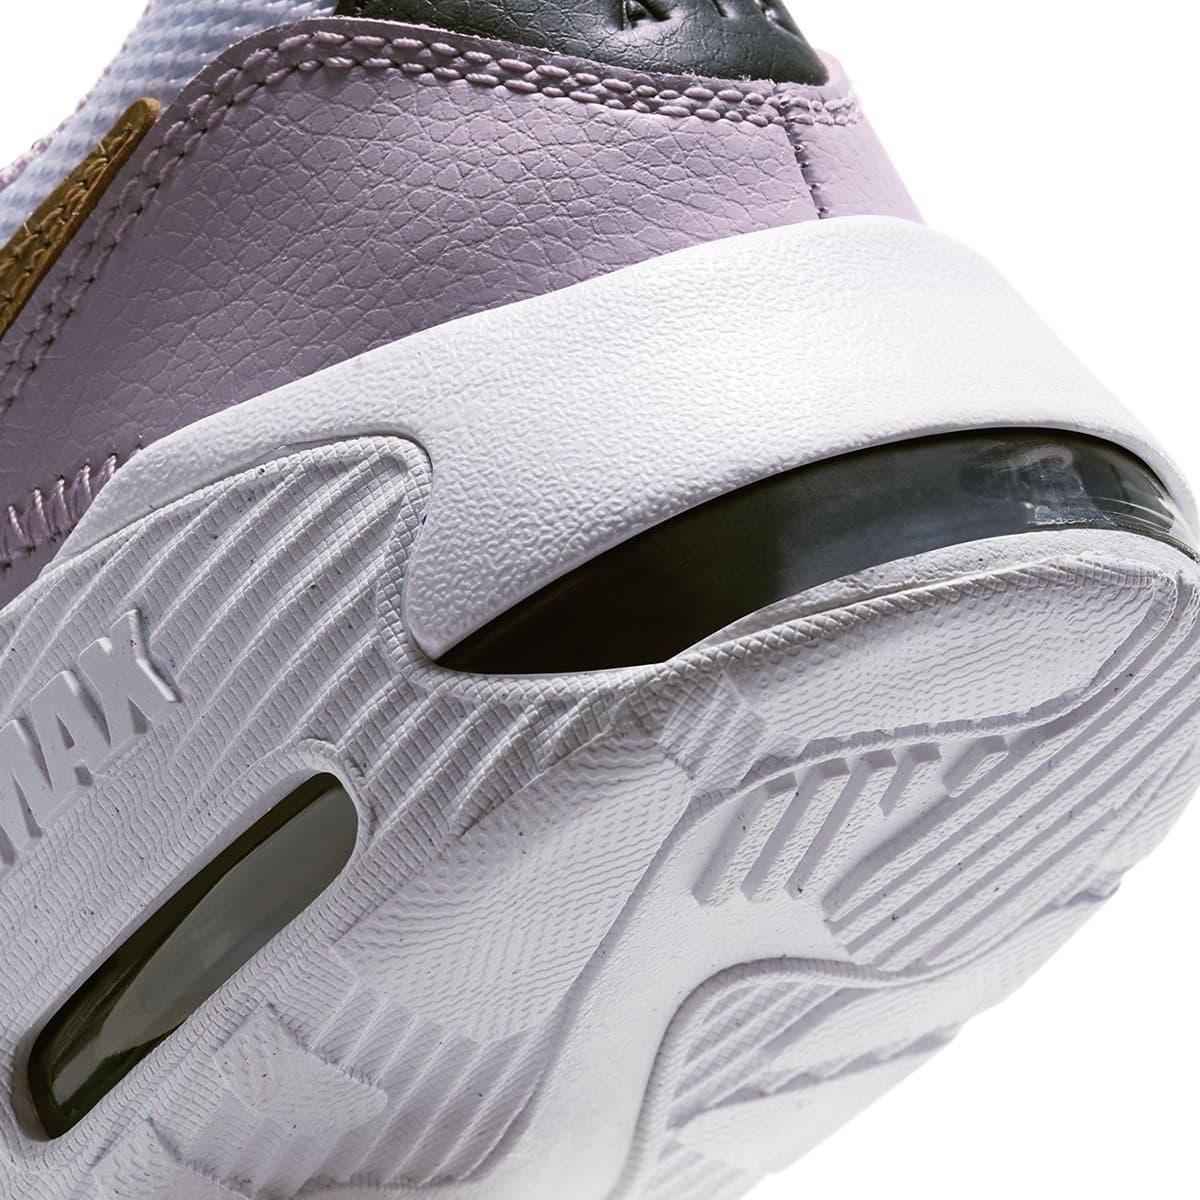 Air Max Excee Pembe Çocuk Ayakkabısı